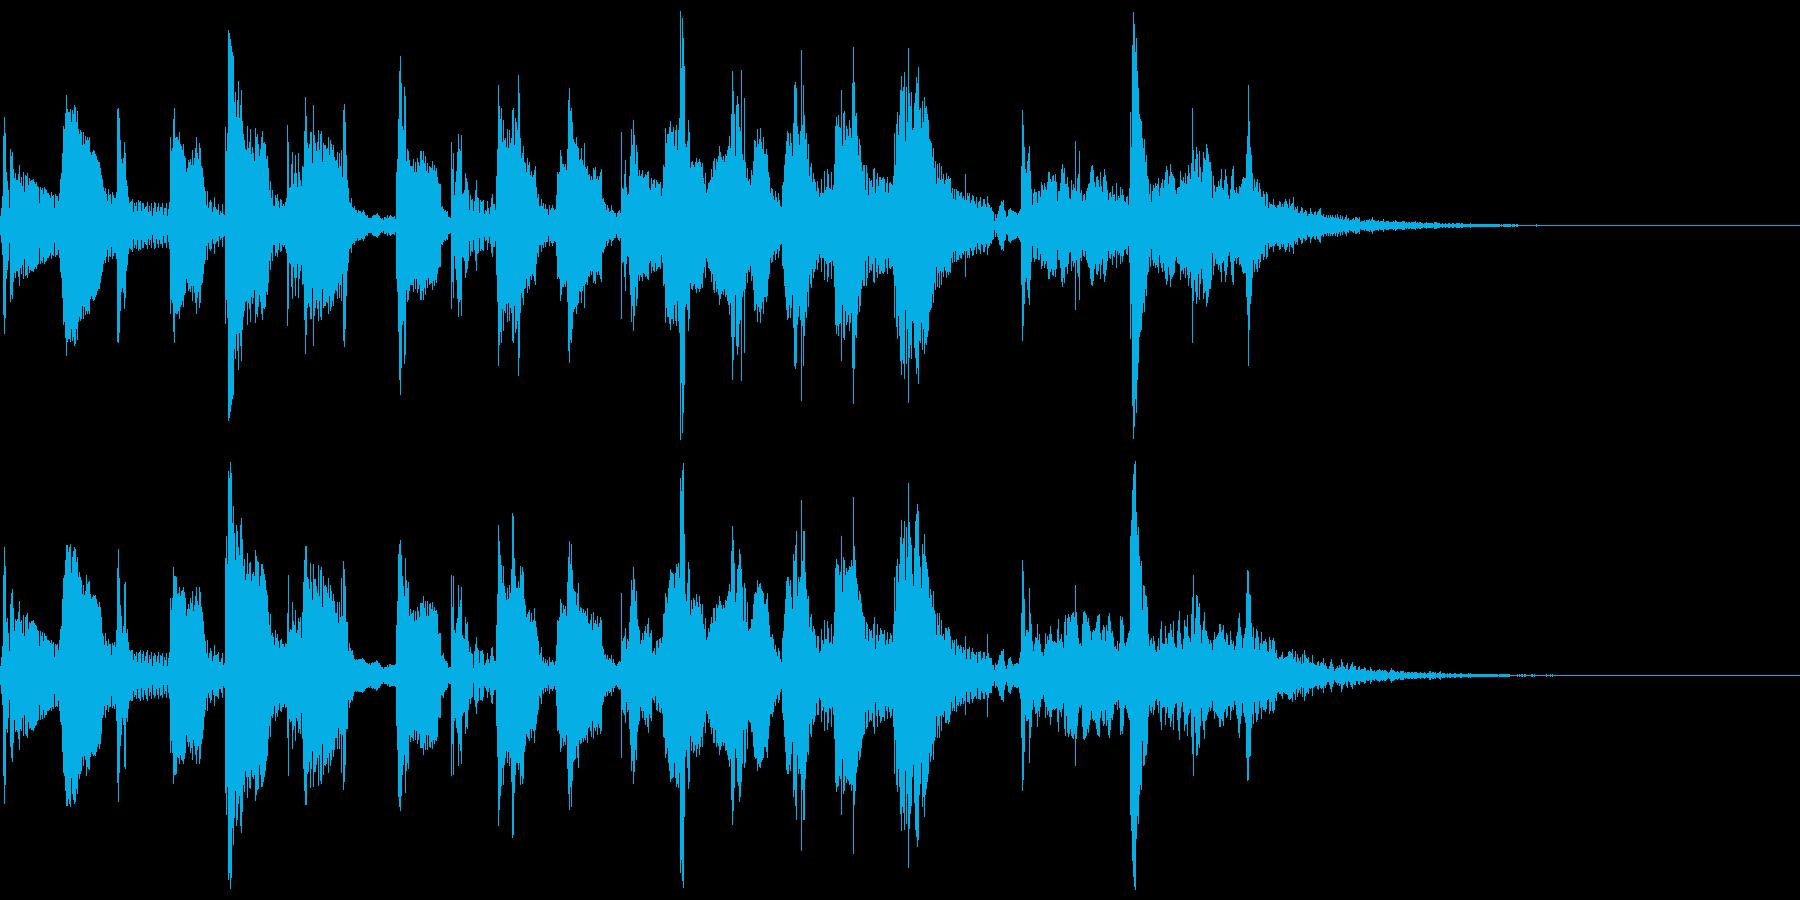 陽気なラテントランペットほのぼのジングルの再生済みの波形